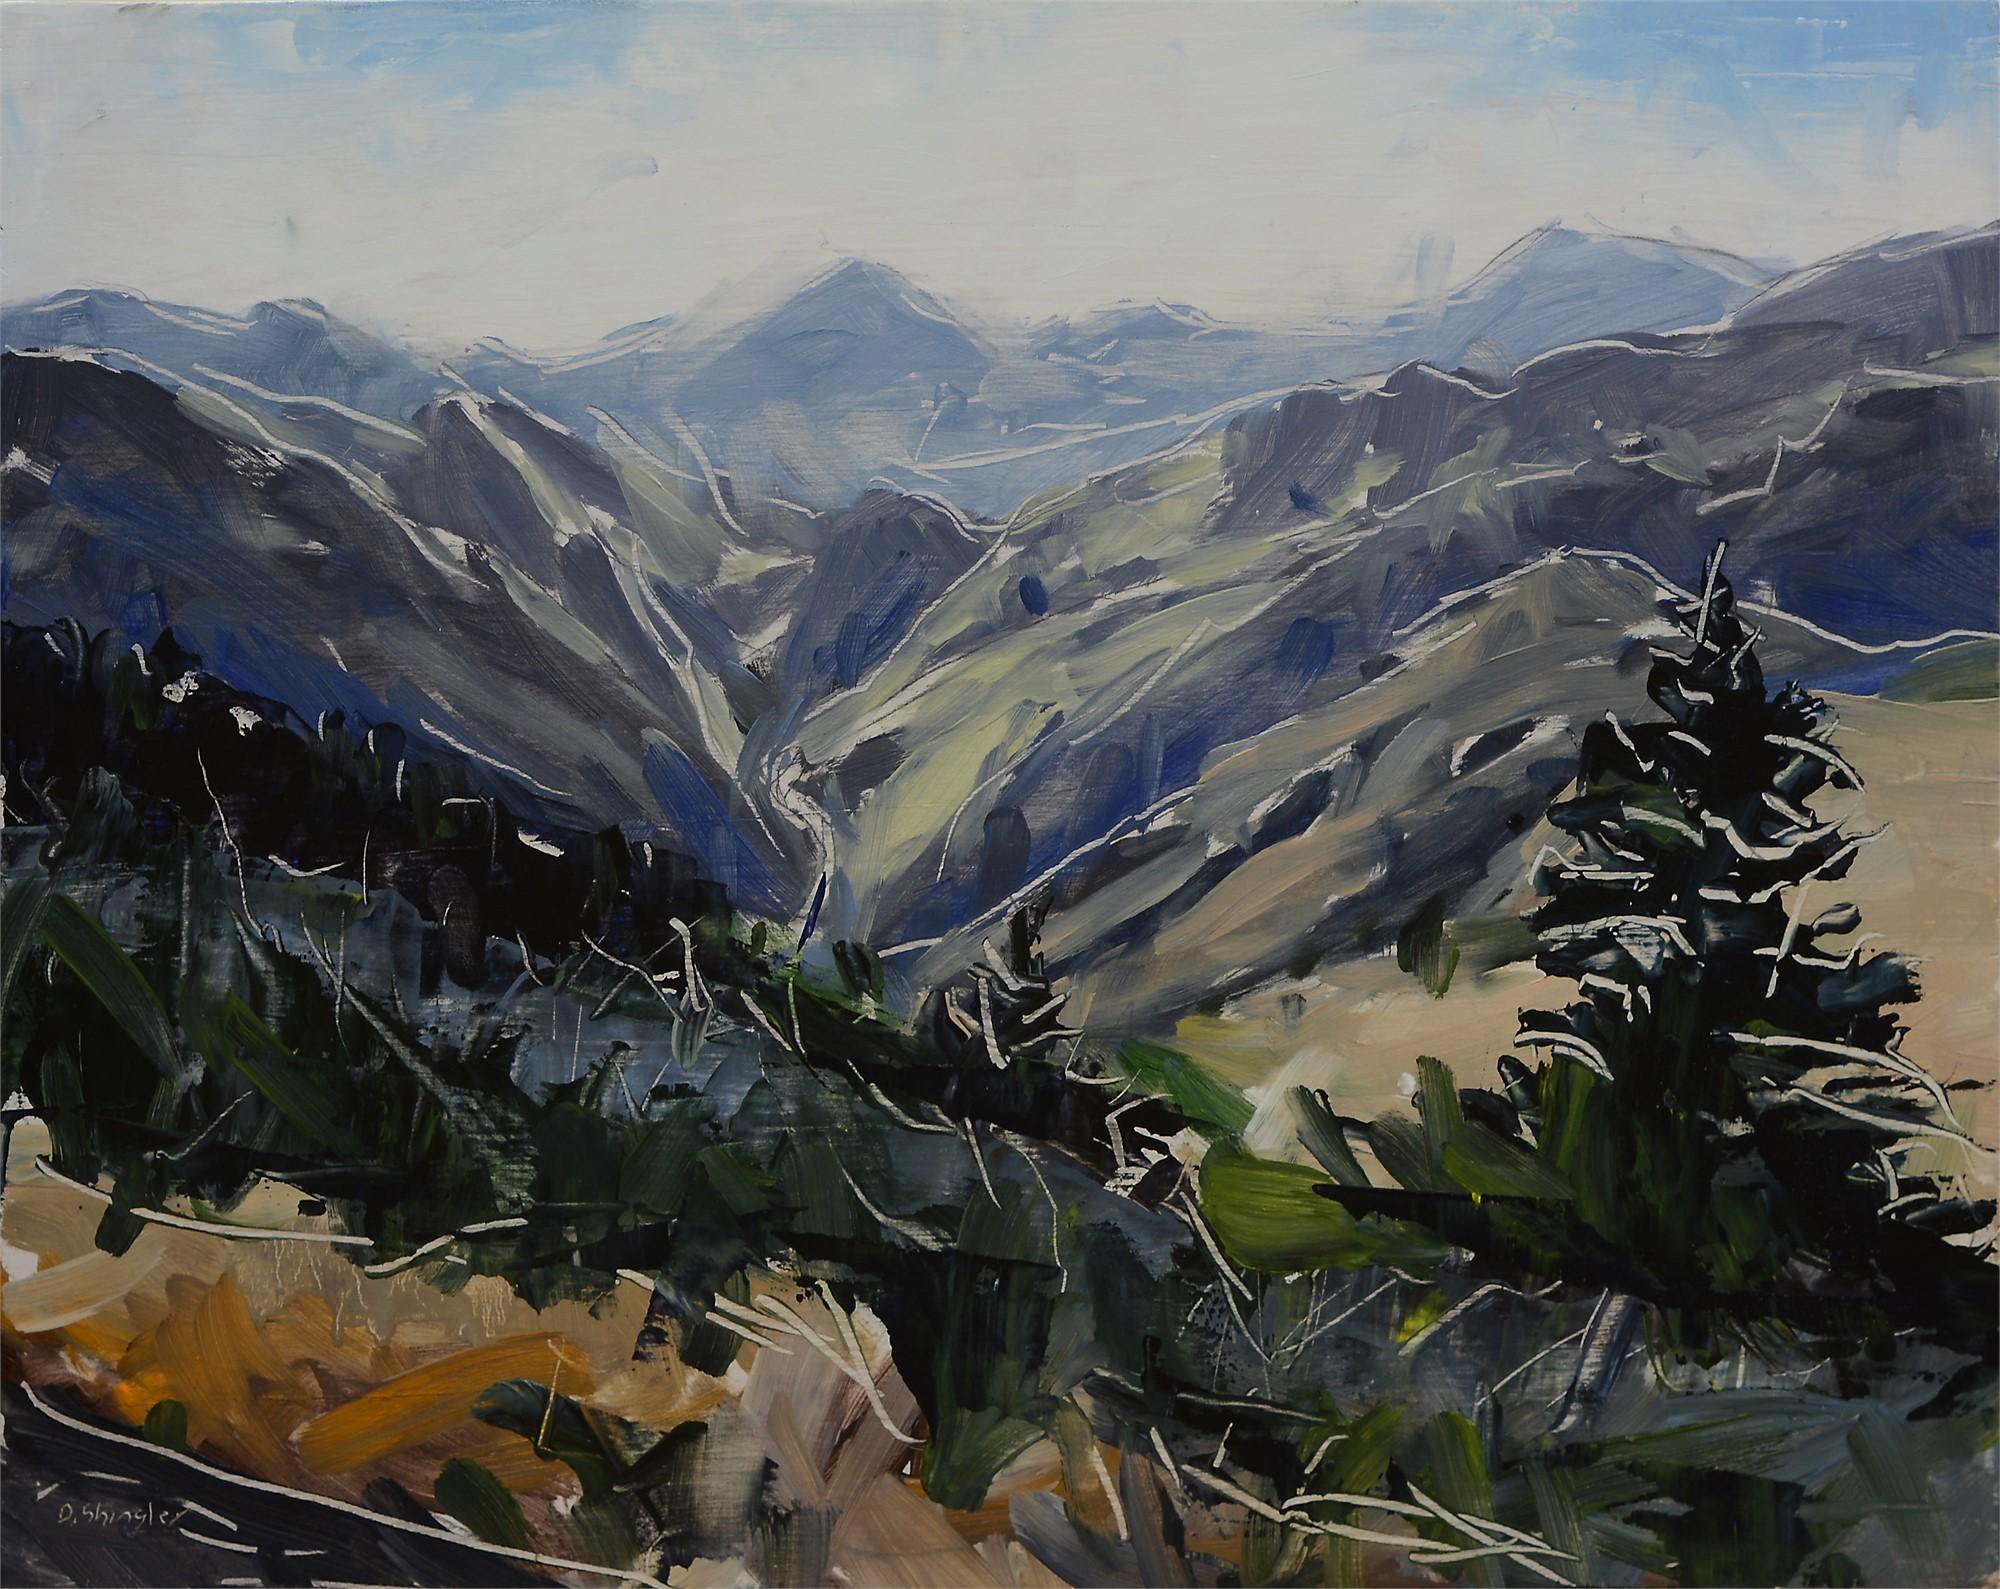 Lookout Mountain by David Shingler